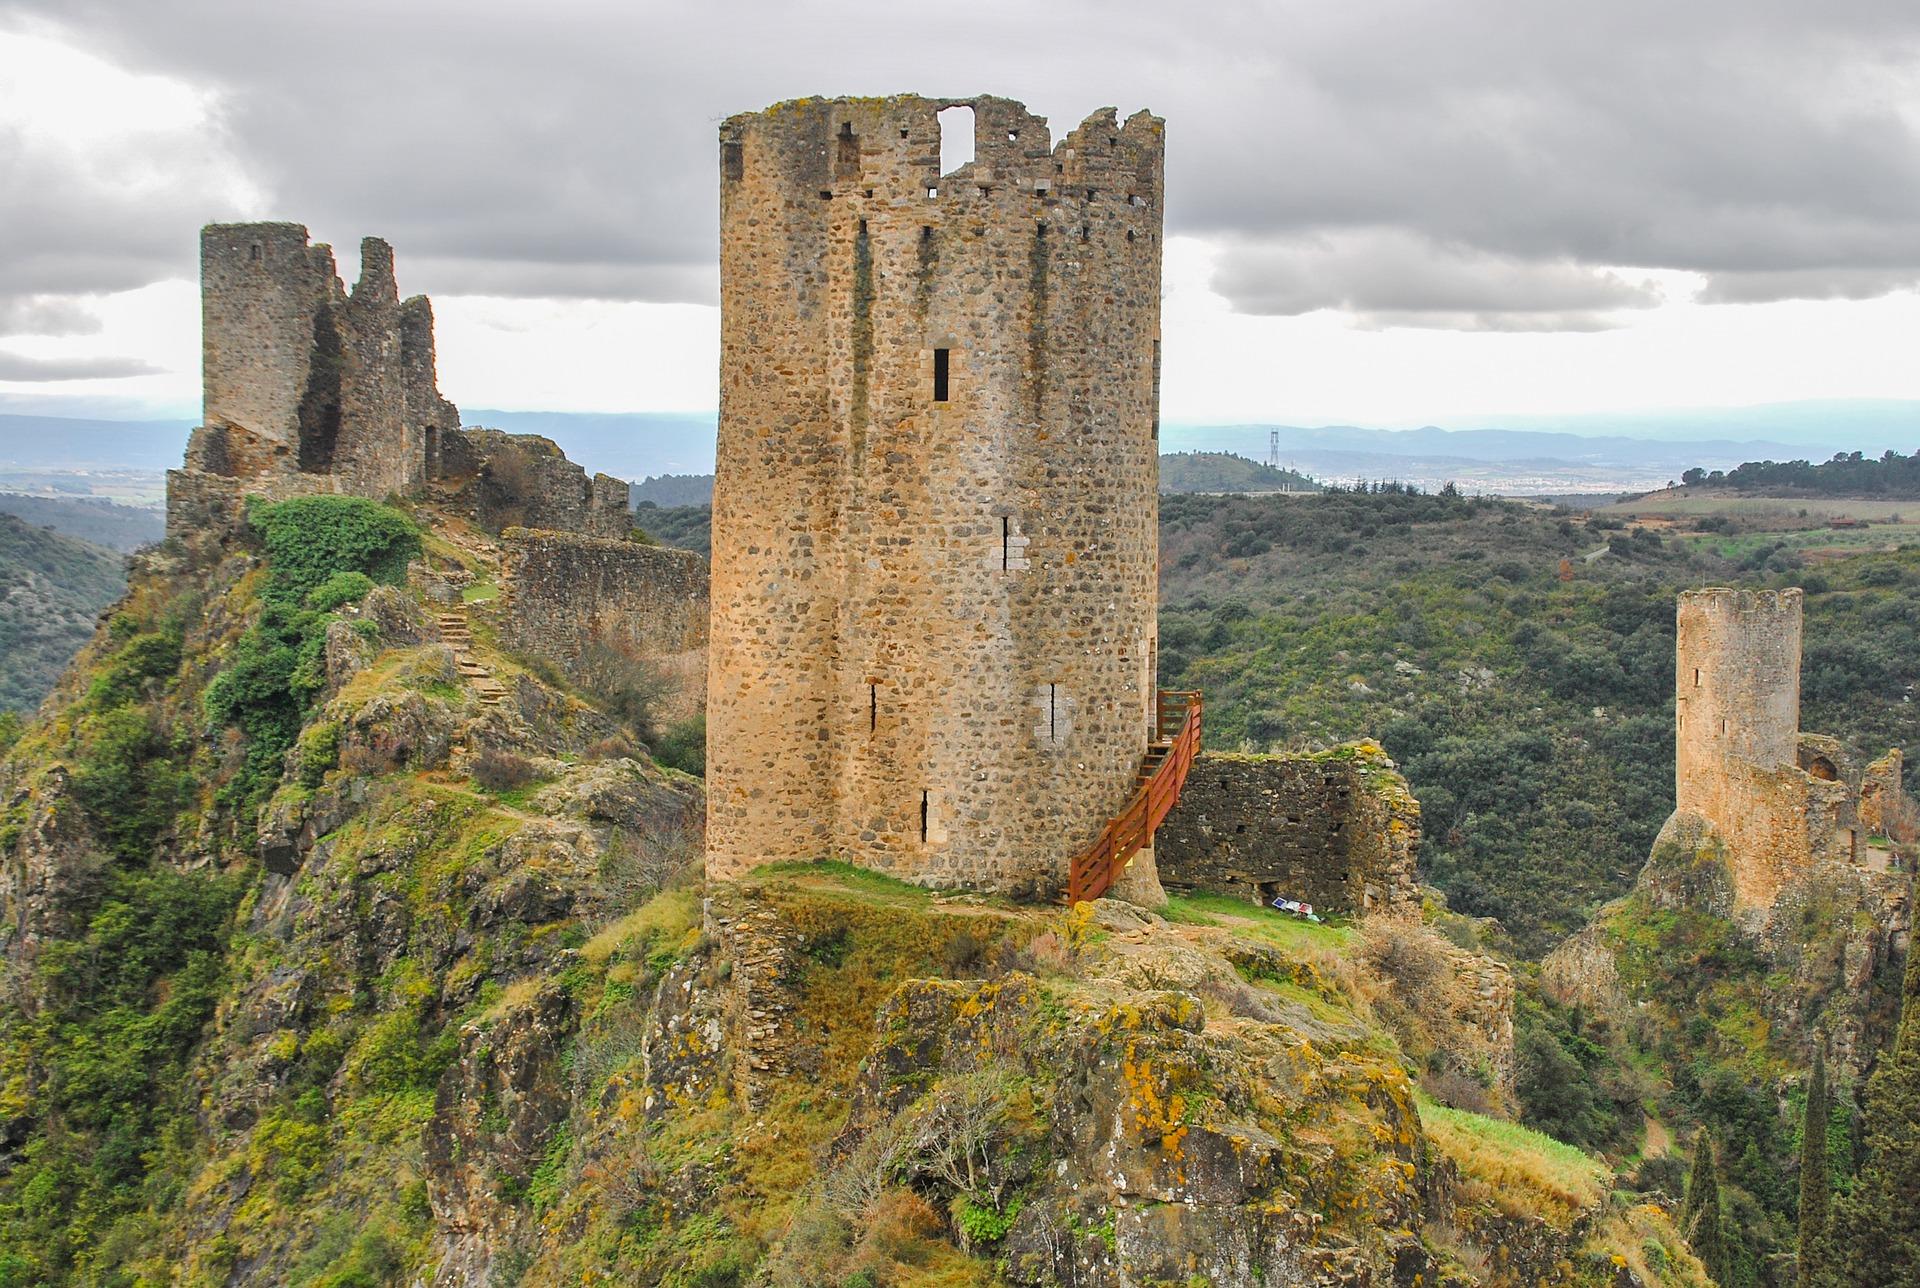 Les châteaux de Lastours, visite dans l'Aude